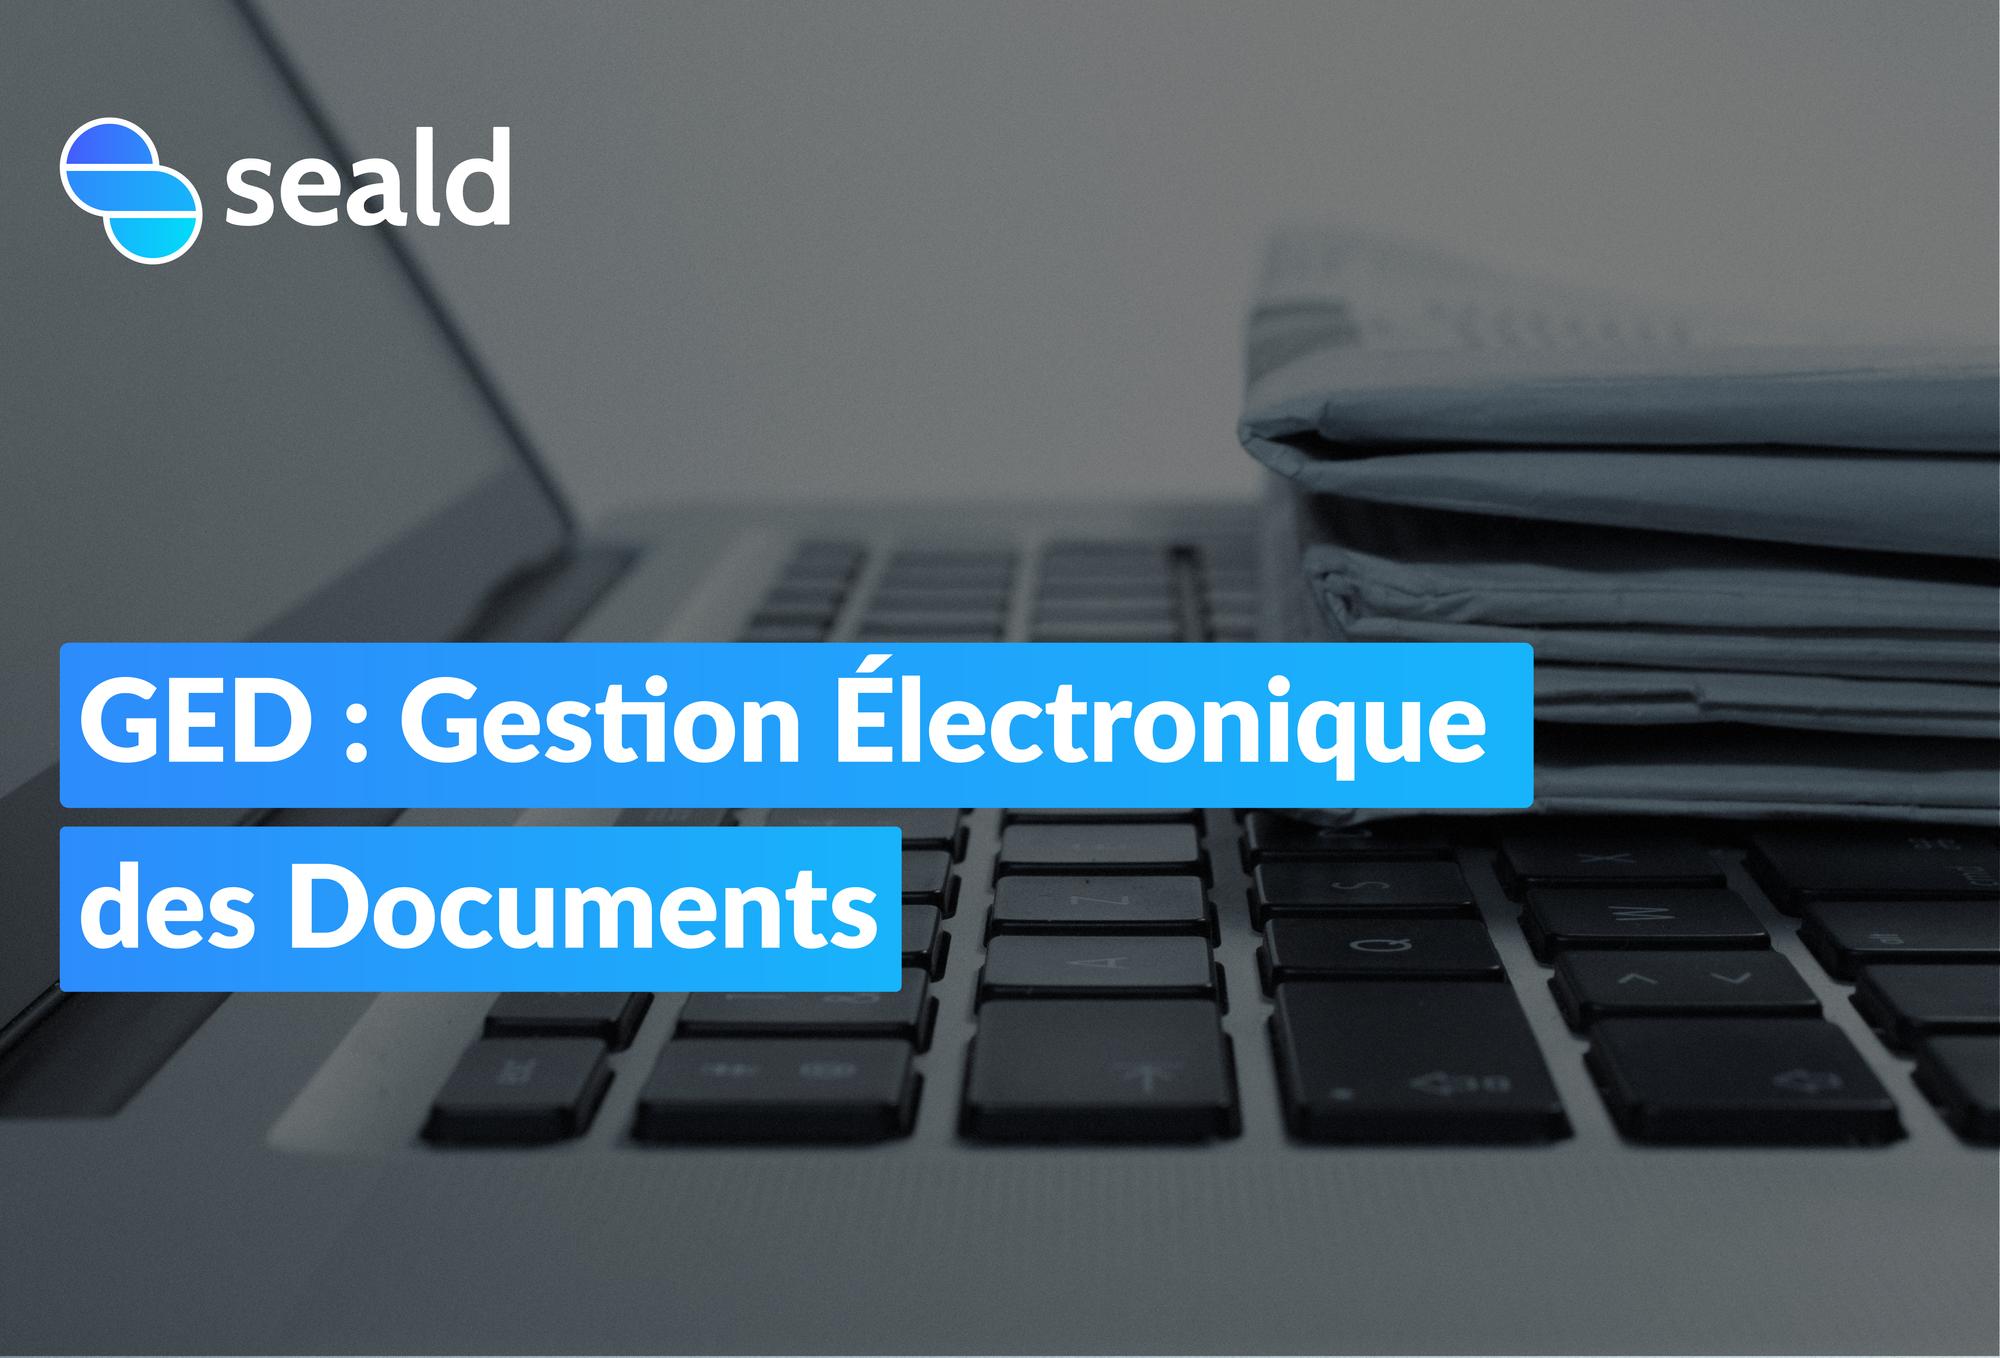 GED : Gestion Électronique des Documents